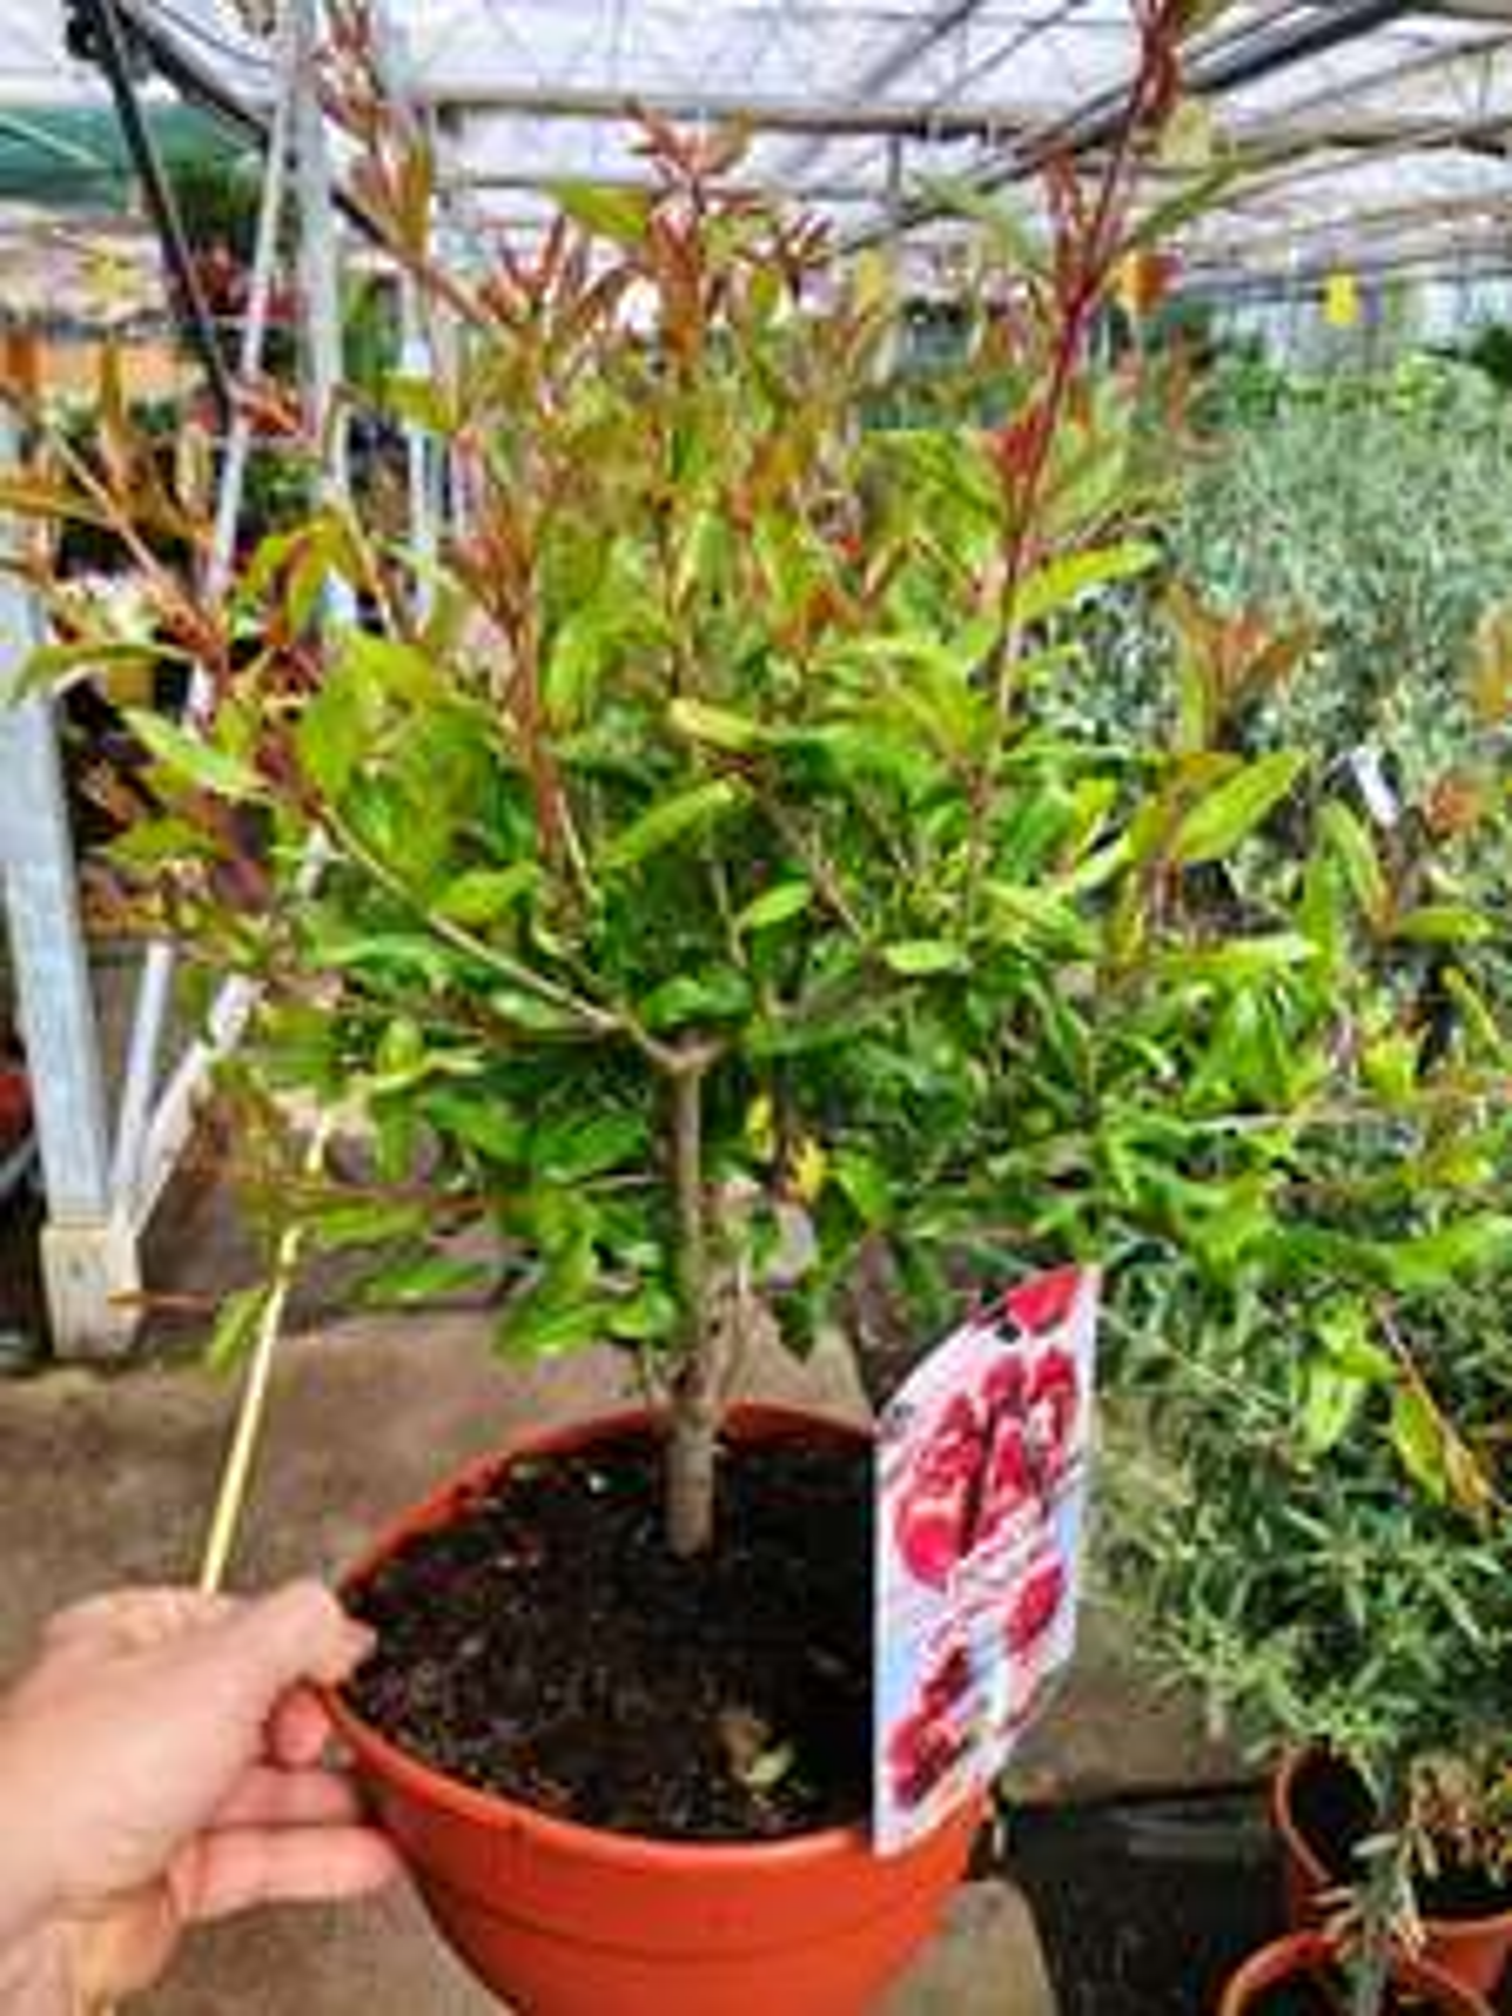 Granatapfelpflanze winterhart für Freunde des exotischen Gartenbaus